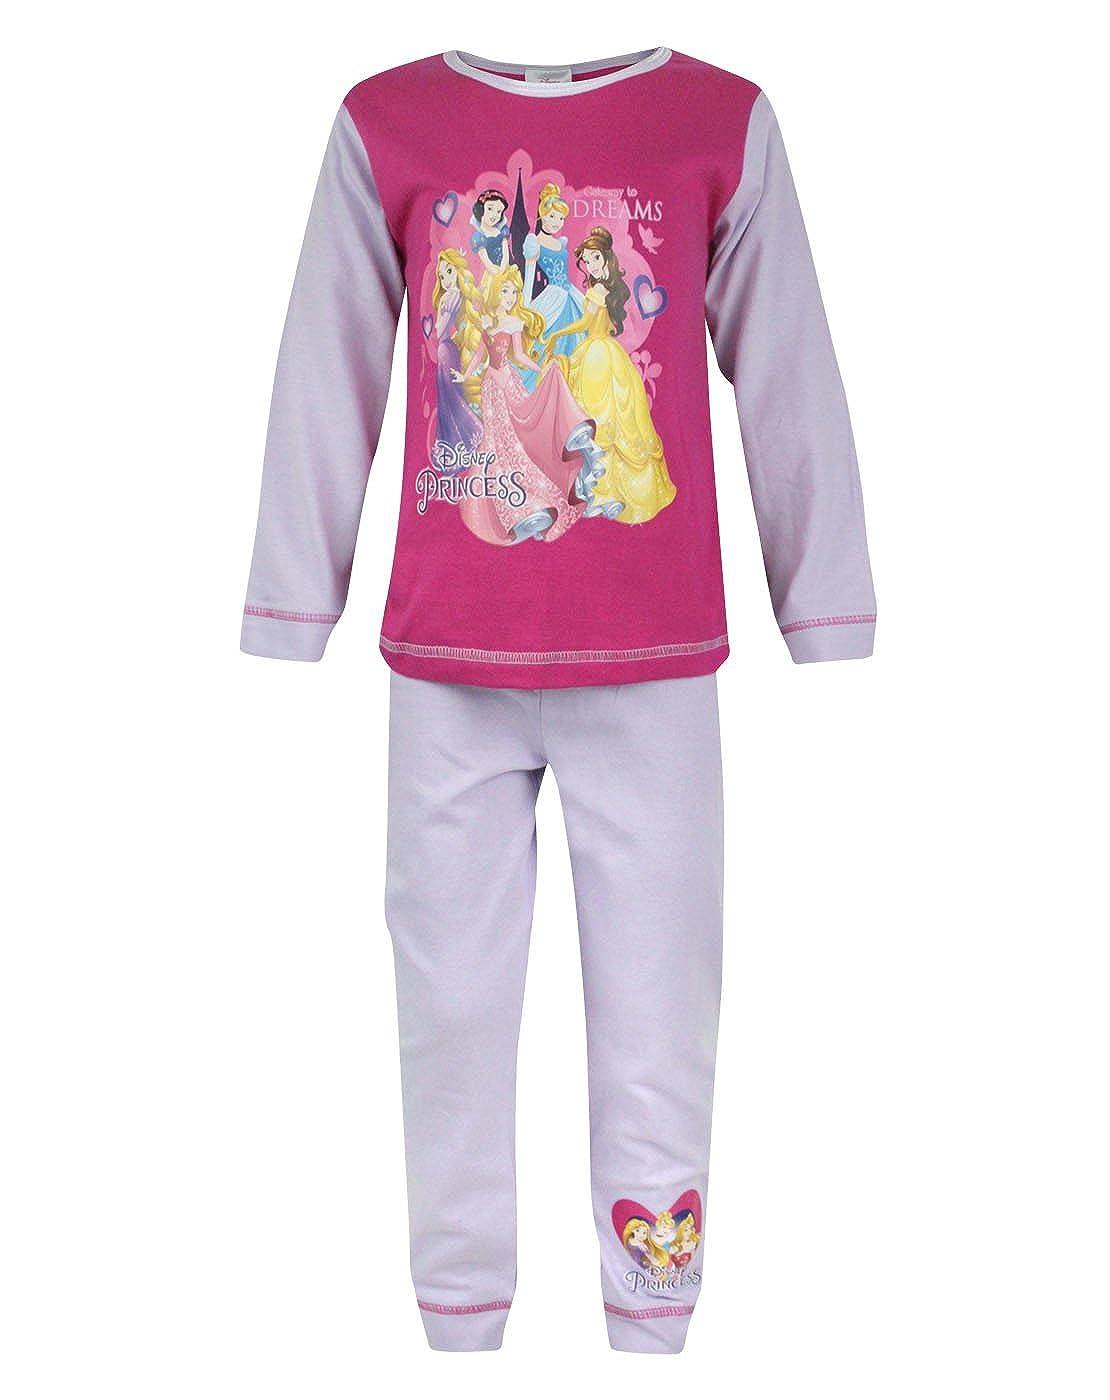 Official Disney Princess Girl's Pyjamas